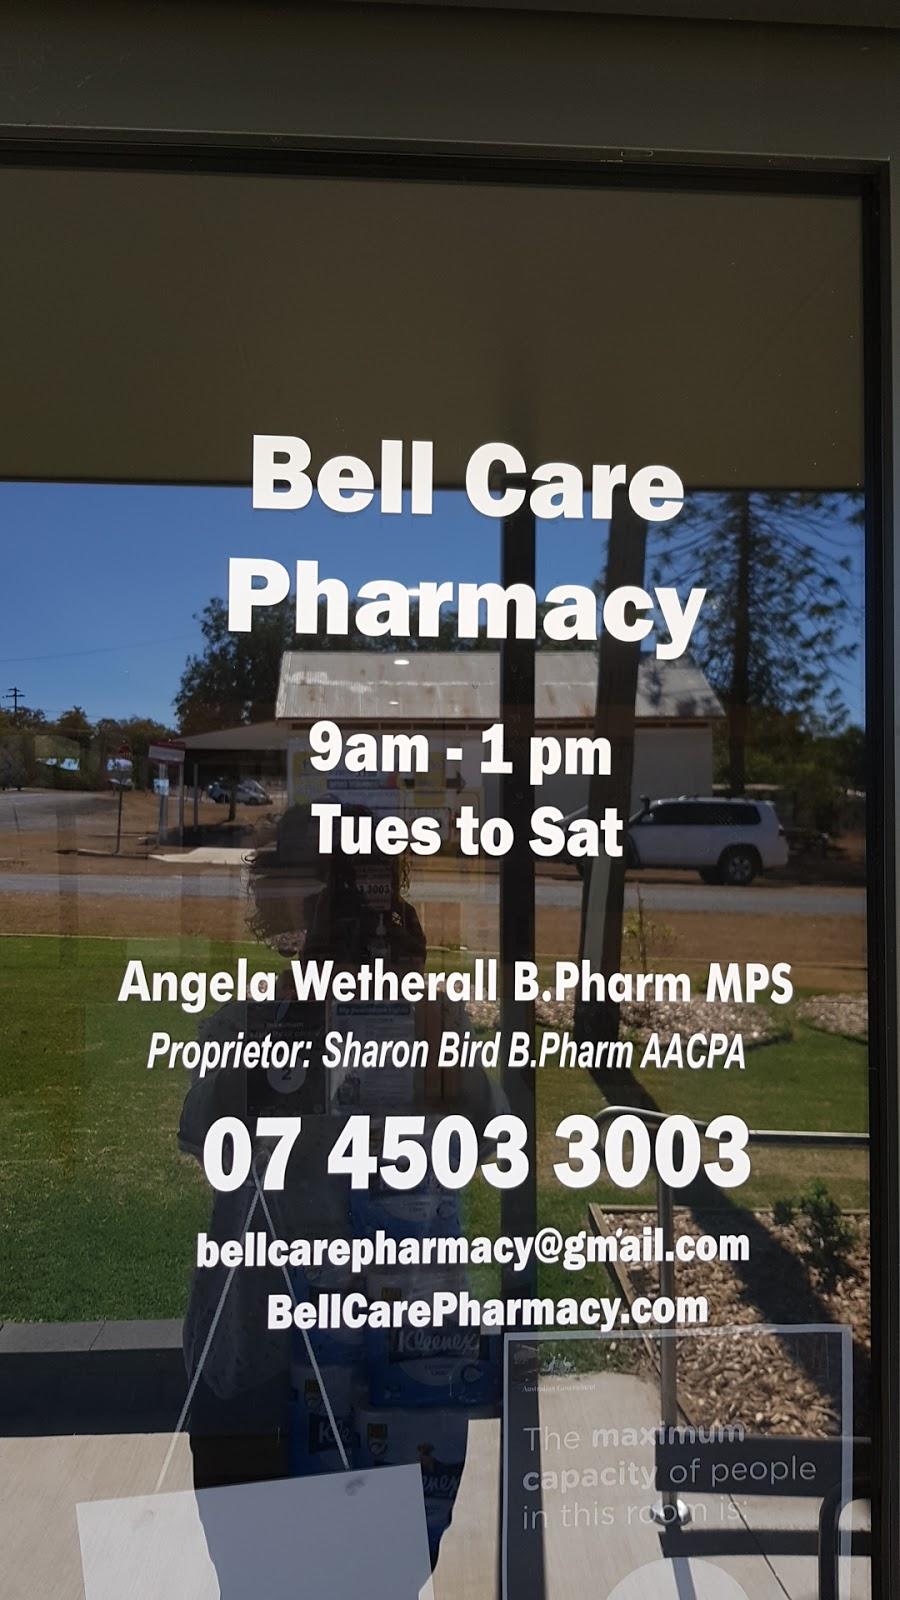 Bell Care Pharmacy | pharmacy | 3 Ensor St, Bell QLD 4408, Australia | 0745033003 OR +61 7 4503 3003